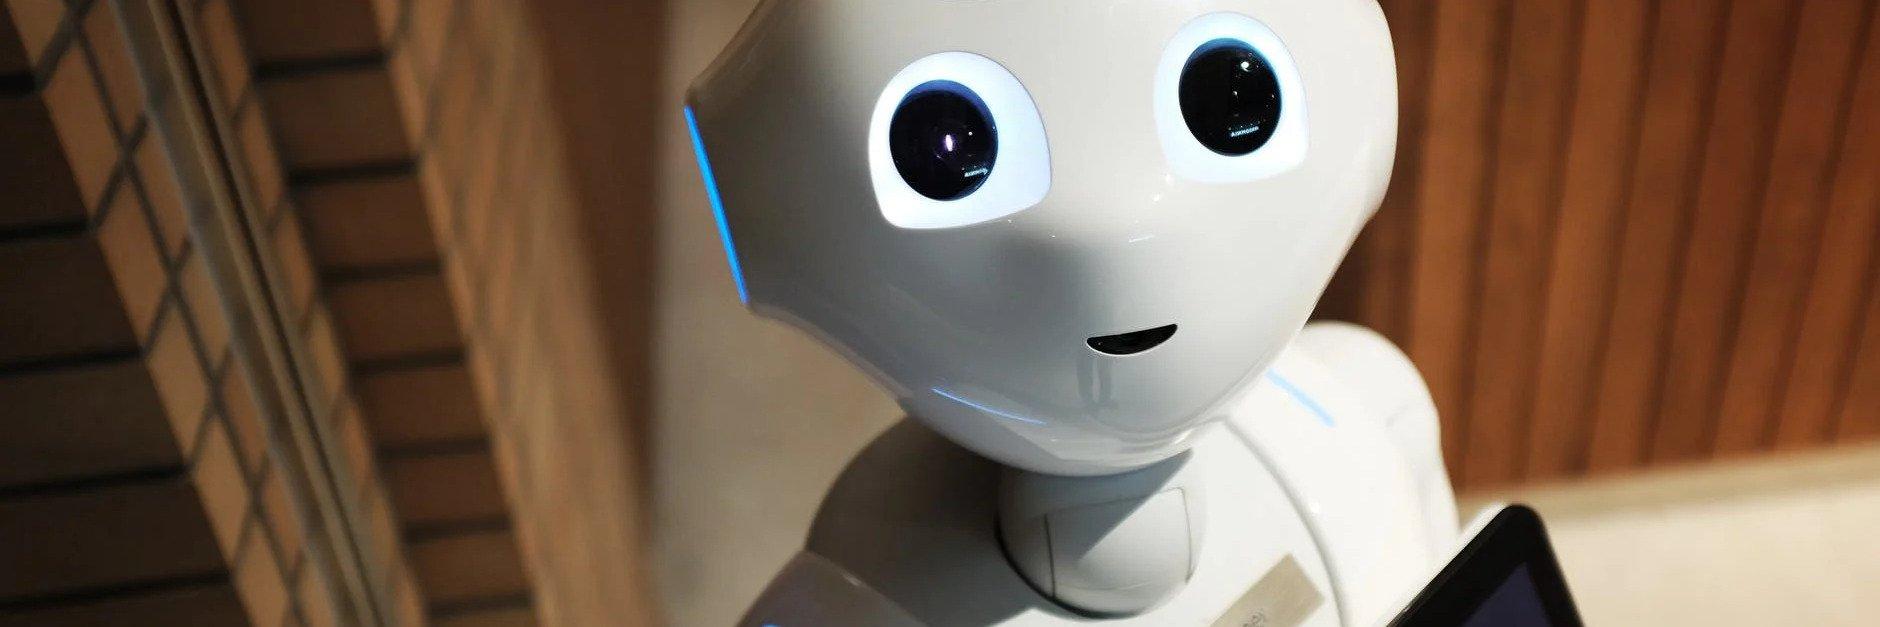 Choć sztuczna inteligencja przynosi już dziś ogromne korzyści organizacjom świadczącym usługi finansowe, to wciąż jest wyzwaniem